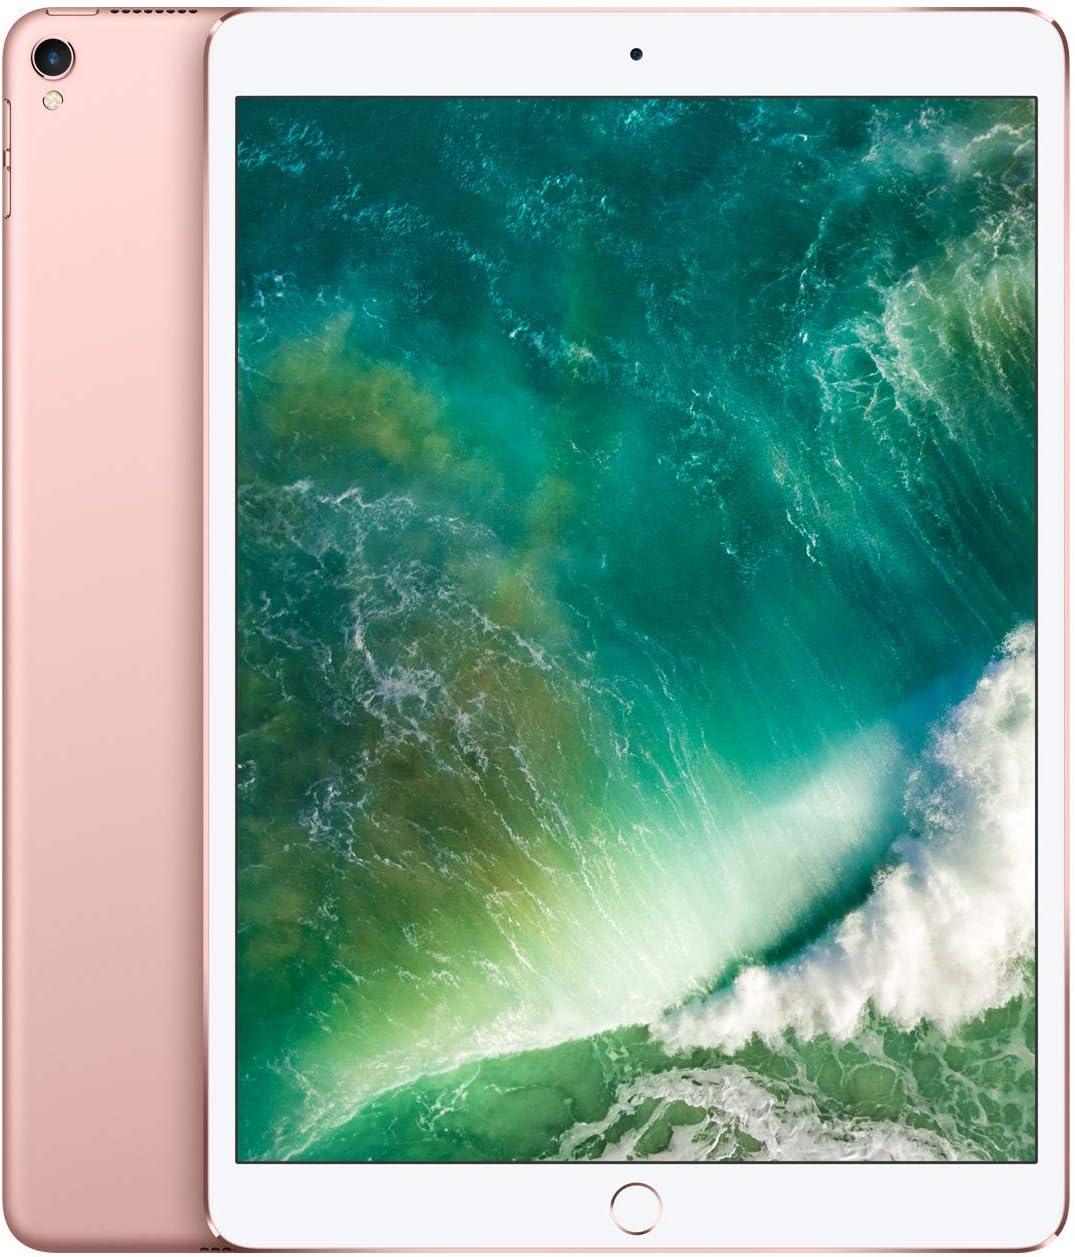 Apple iPad Pro (10.5-inch, Wi-Fi, 64GB) - Rose Gold